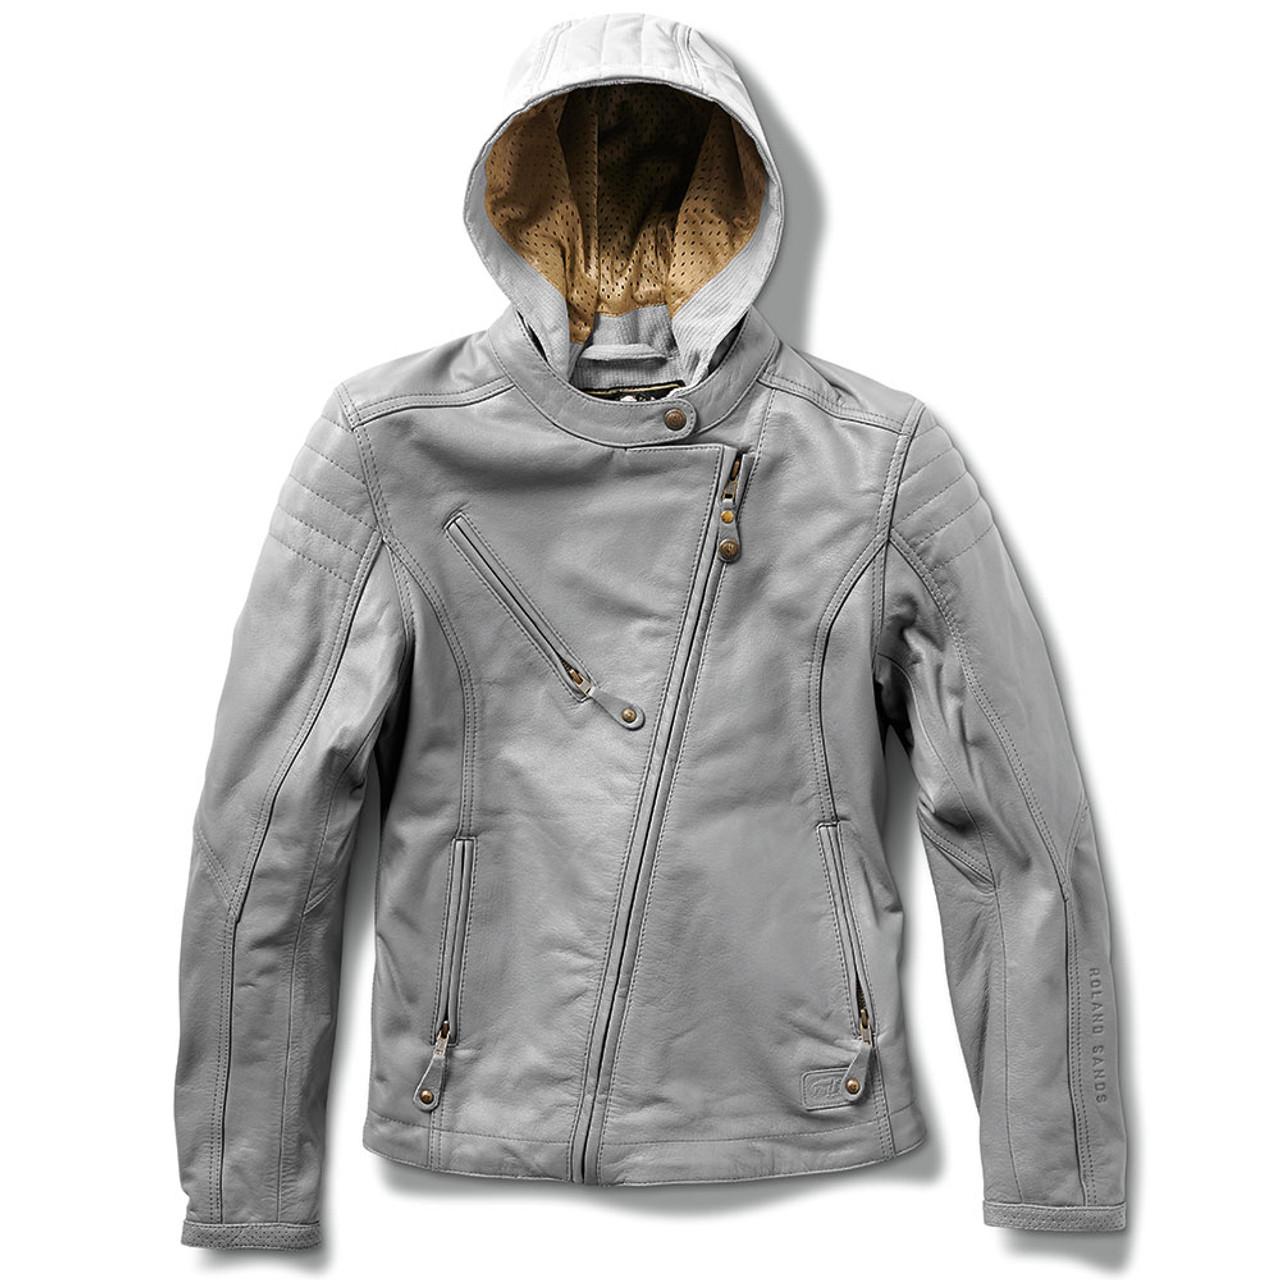 a5070dbd7 Roland Sands Women's Mia Leather Jacket - Grey